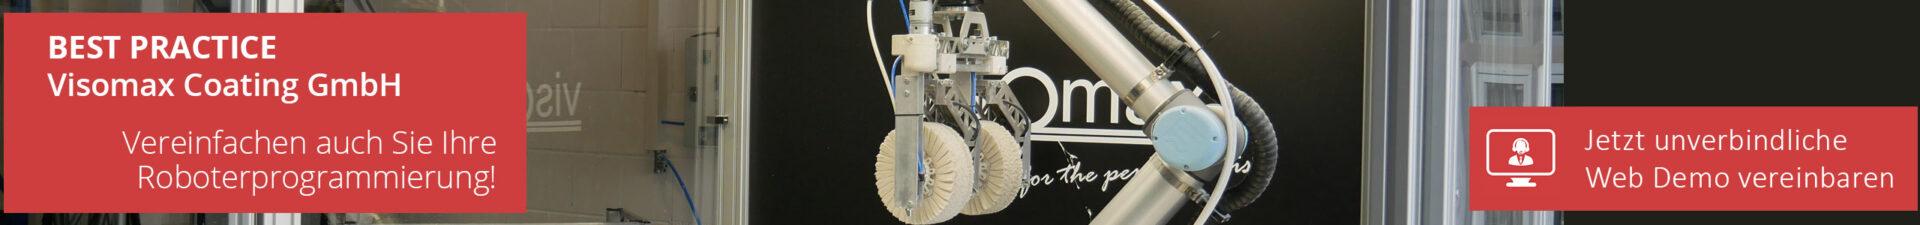 Einfache Roboterprogrammierung Visomax ArtiMinds